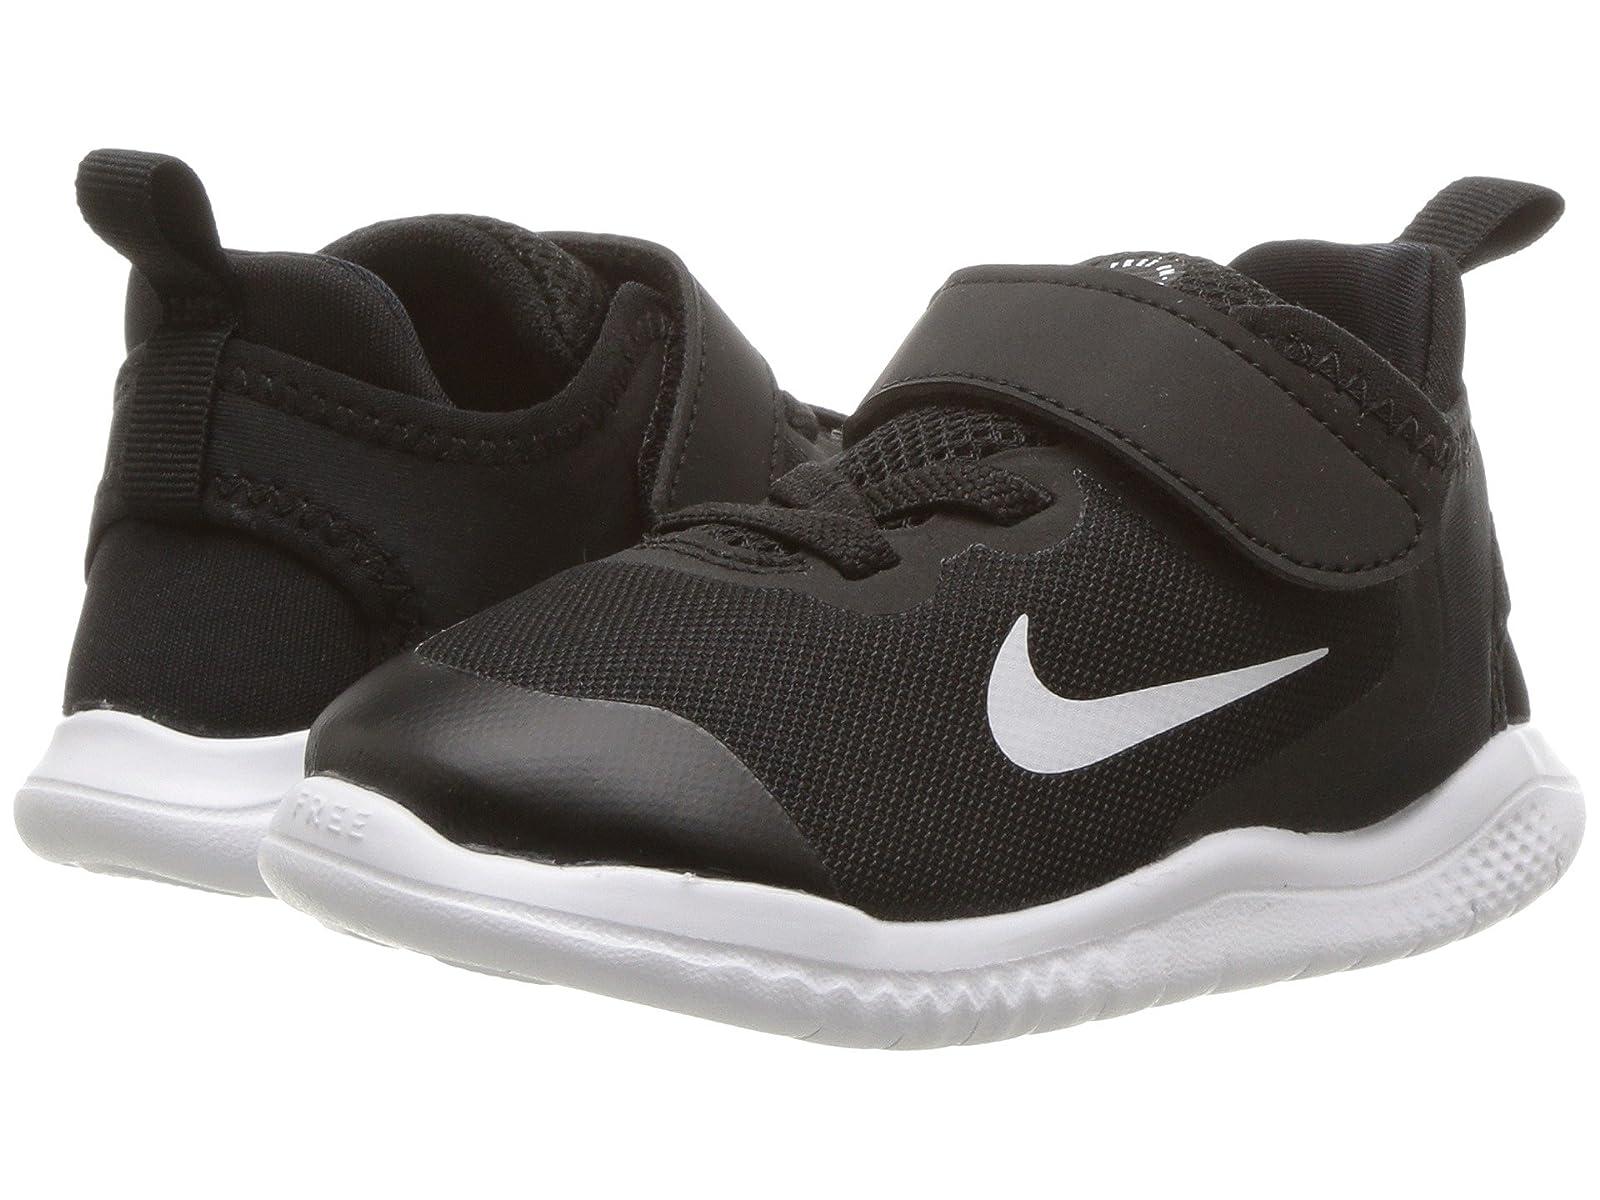 Nike Kids Free RN 2018 (Infant/Toddler)Atmospheric grades have affordable shoes